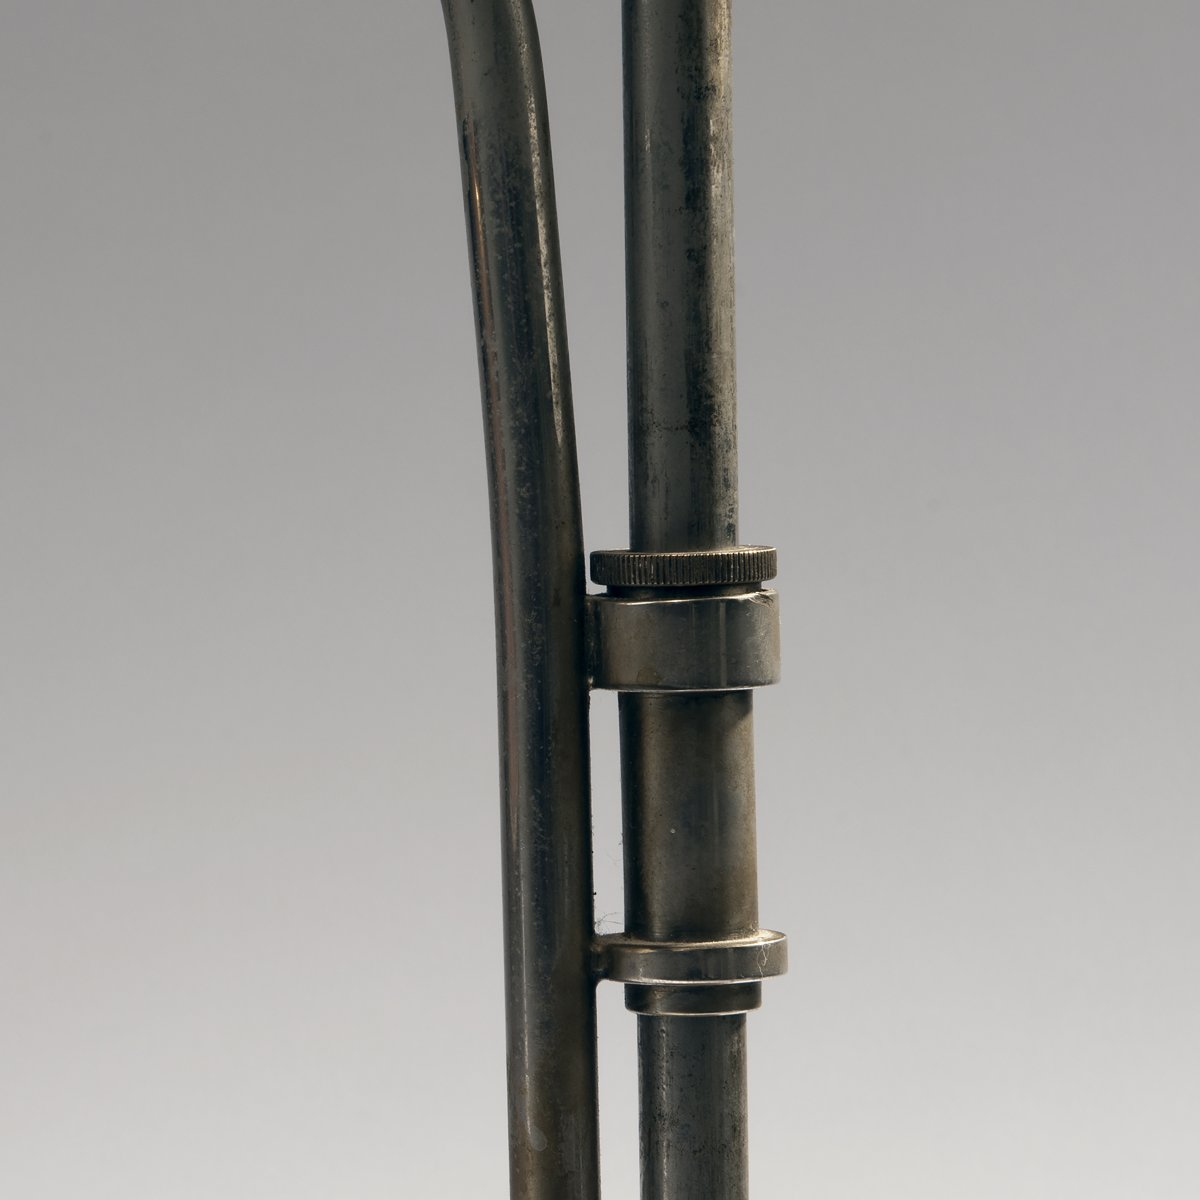 Los 39 - Christian Dell, Kleine Tischleuchte 'Rondella', um 1928Kleine Tischleuchte 'Rondella', um 1928H.